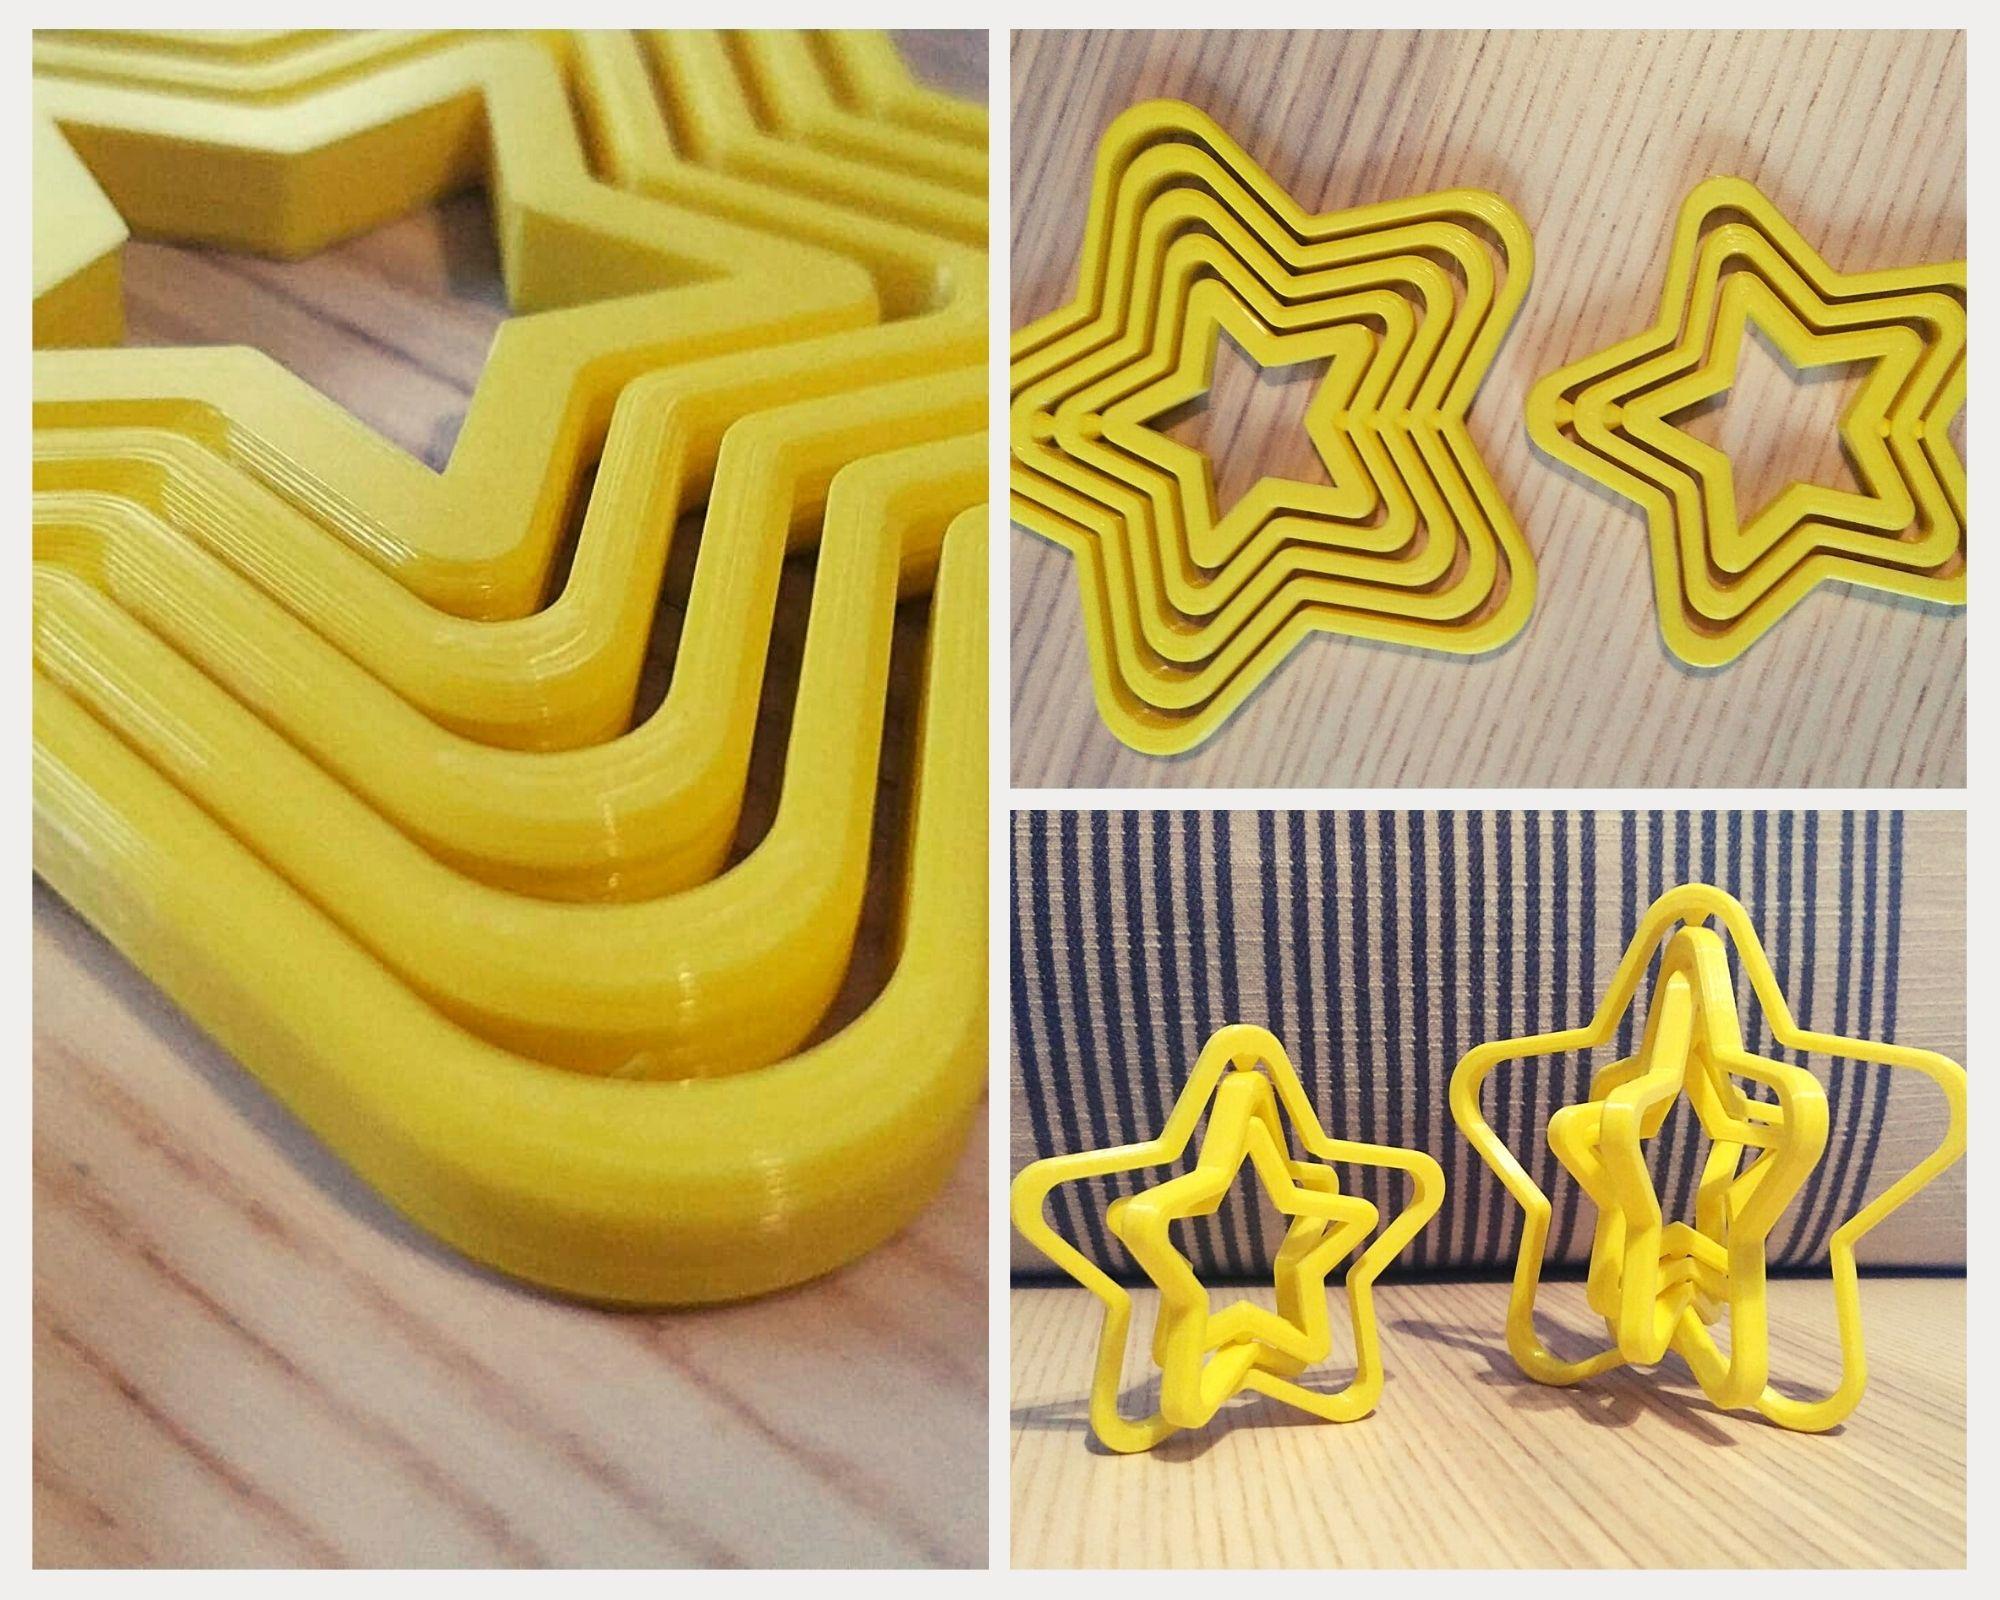 Estrellas giratorias fabricadas en nuestro servicio de impresión 3D